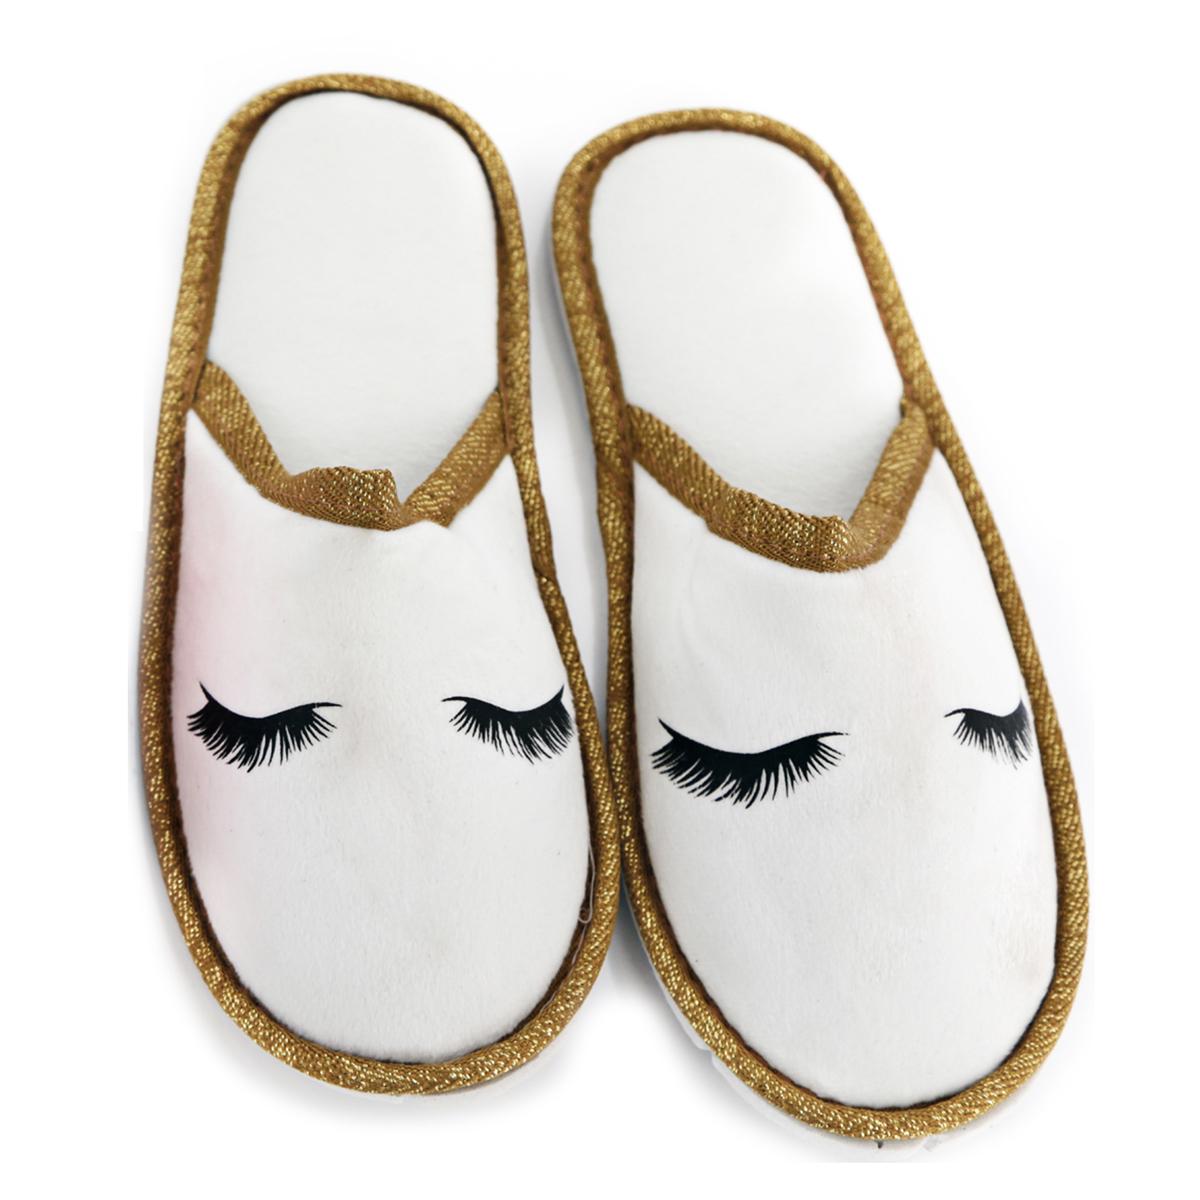 Chausson pantoufles \'Diva - Yeux Endormis\' blanc - taille S (34/37) - [A0048]